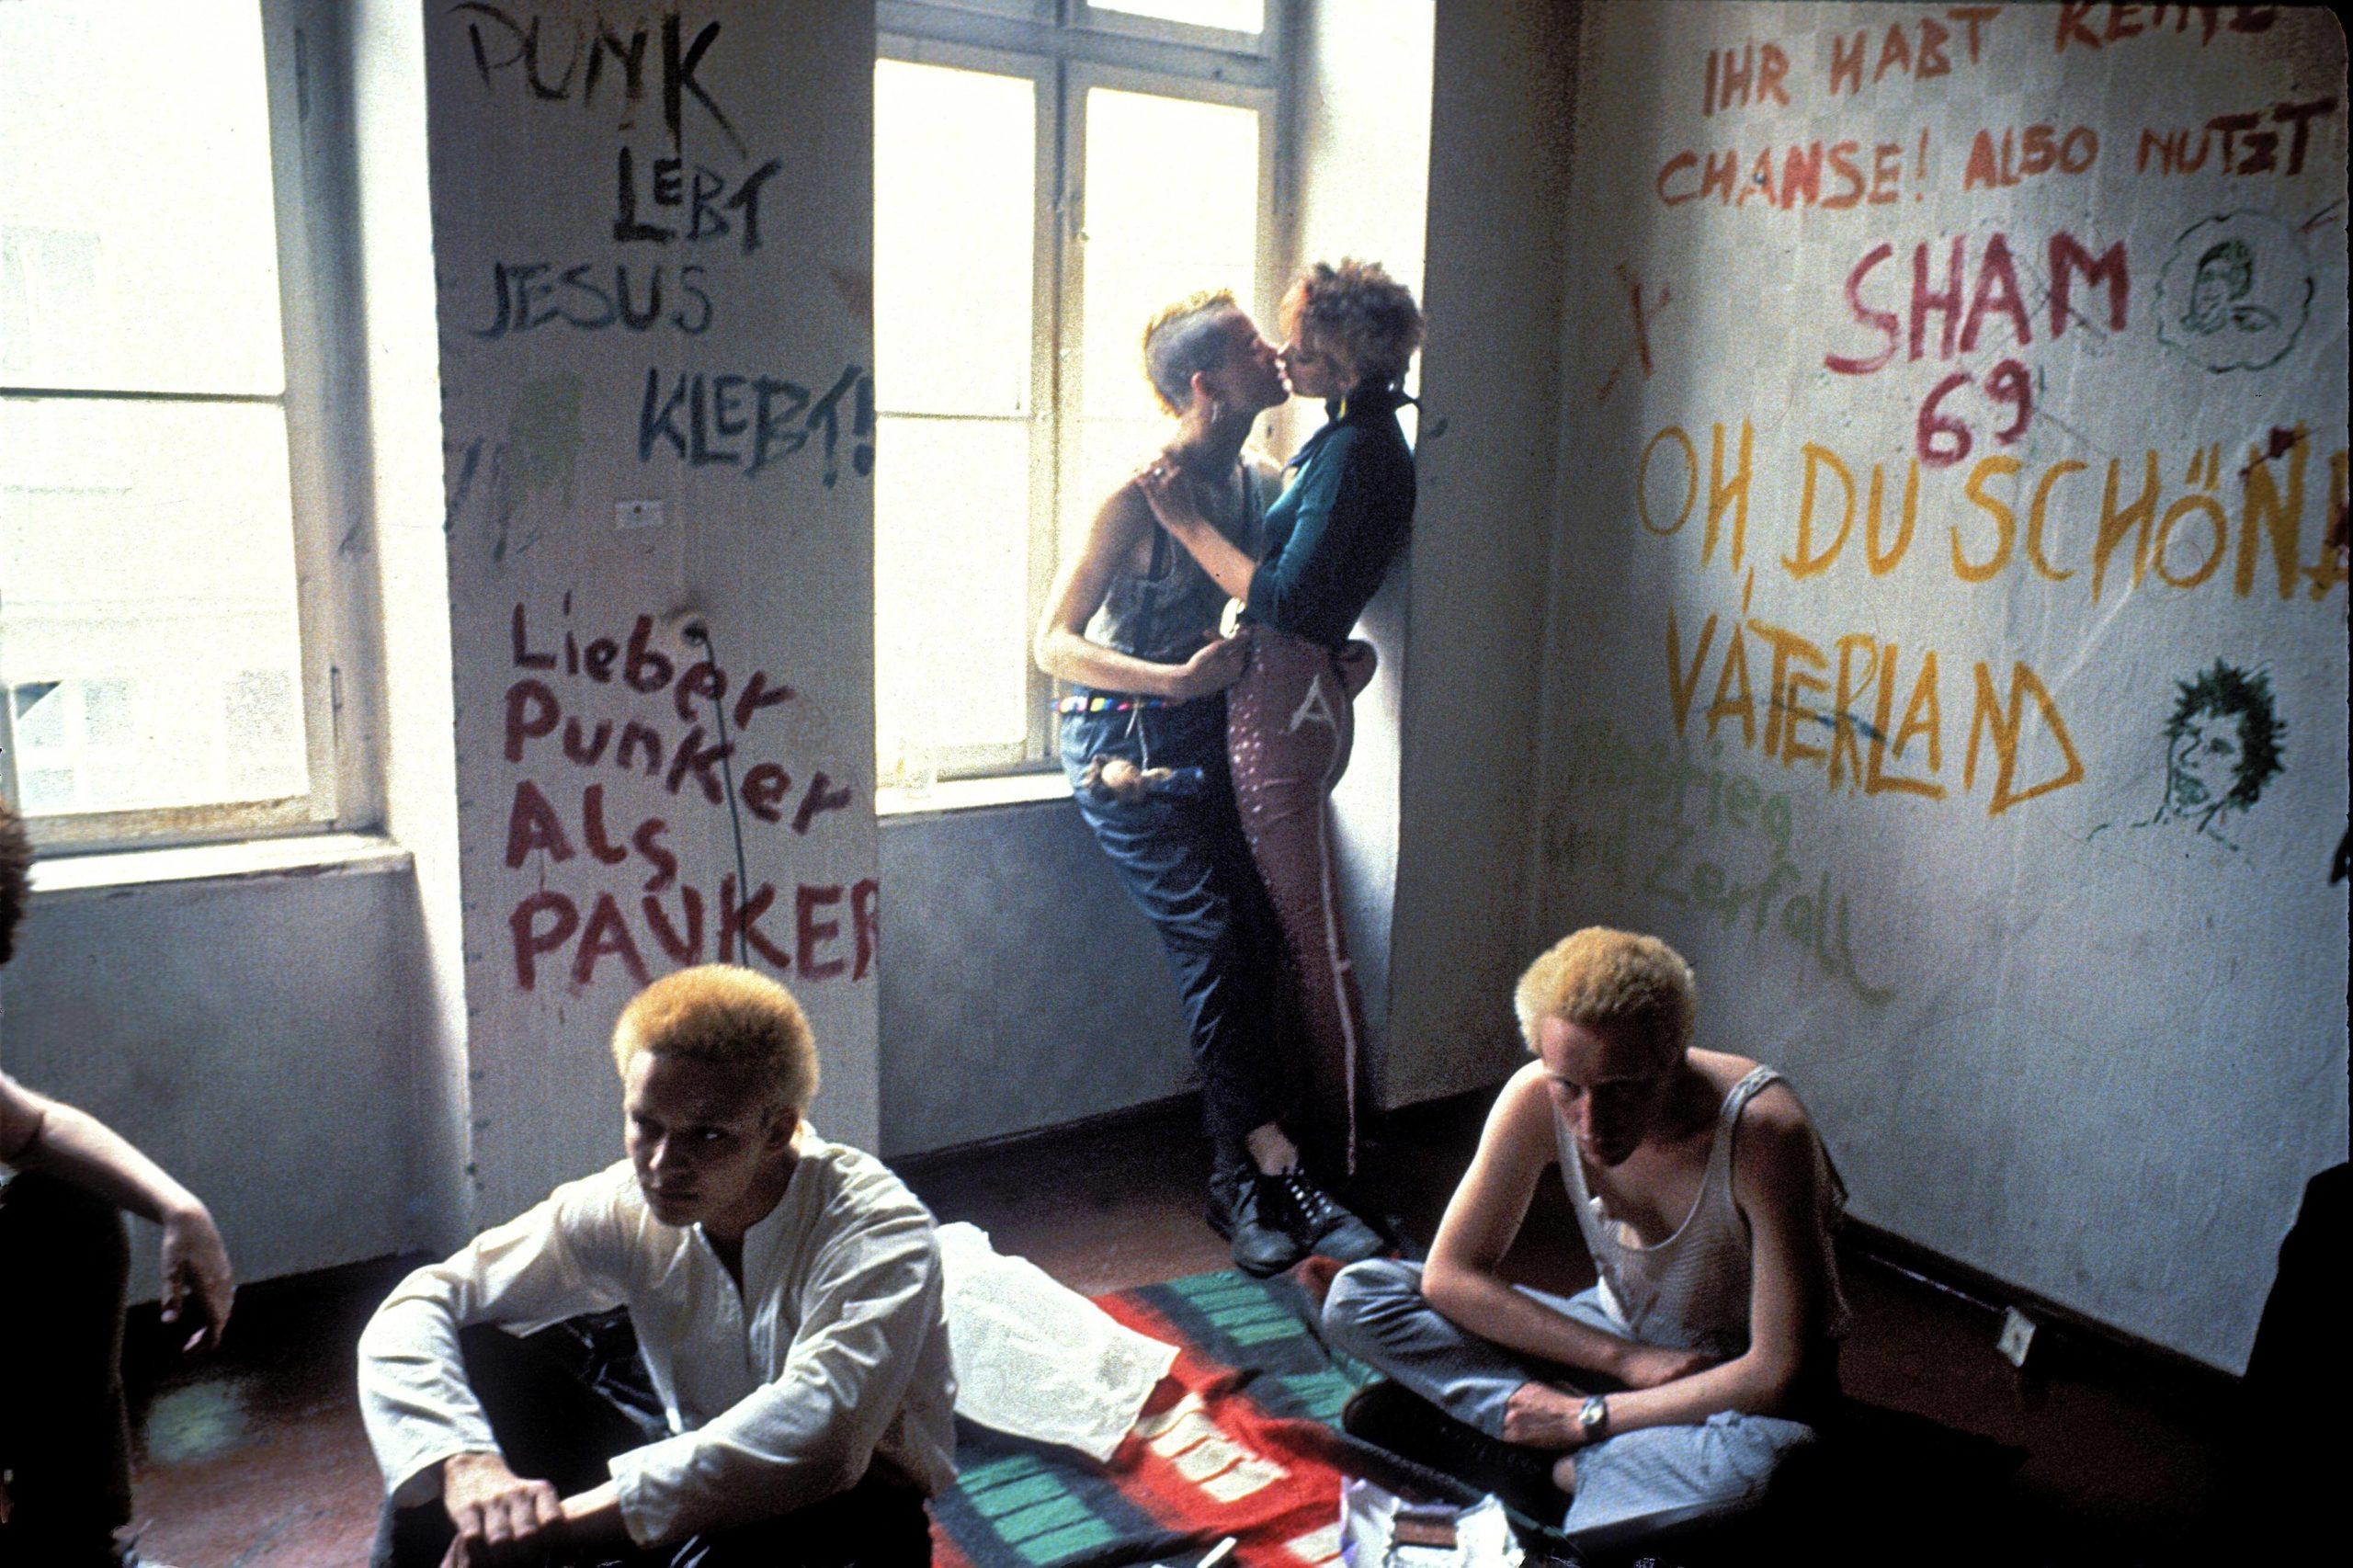 """""""Lieber Punker als Pauker"""" – Punks in Ost-Berlin, 1982."""